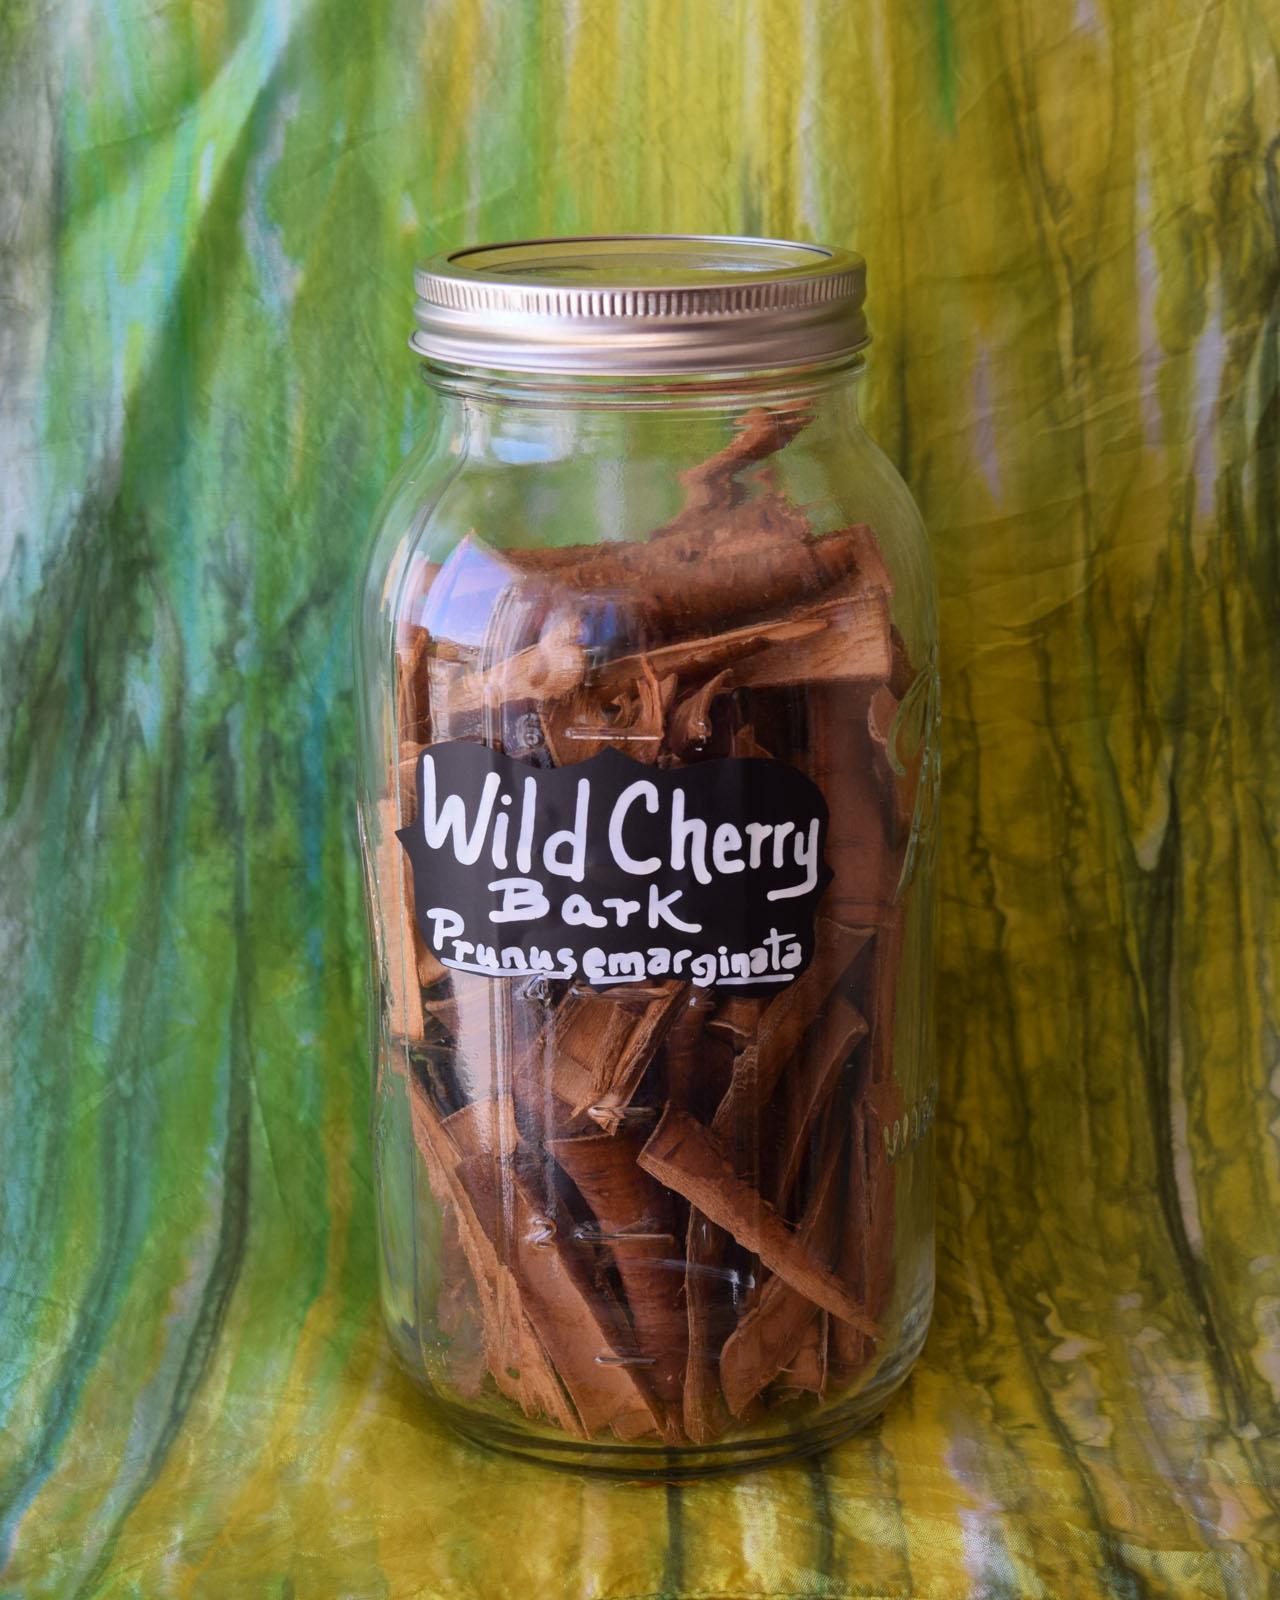 Wild Cherry bark*